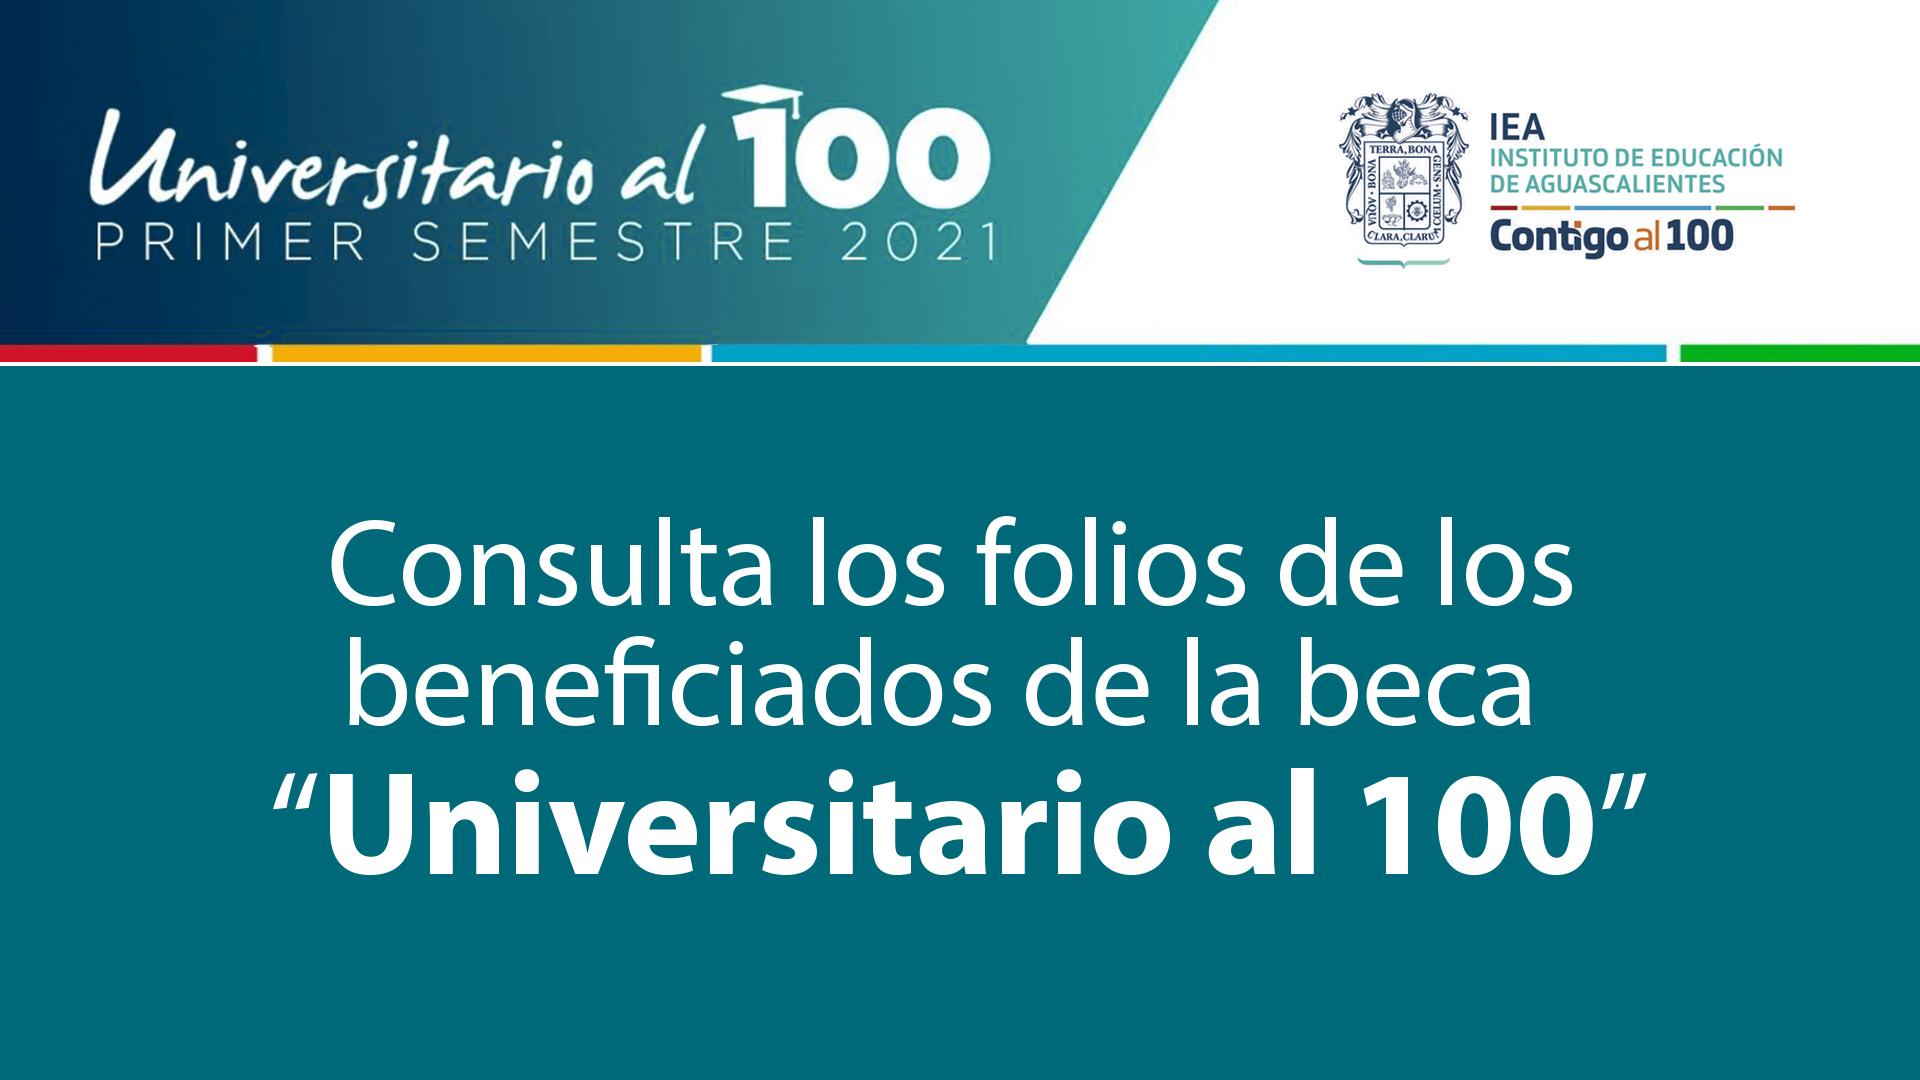 Beneficiados Universitario al 100